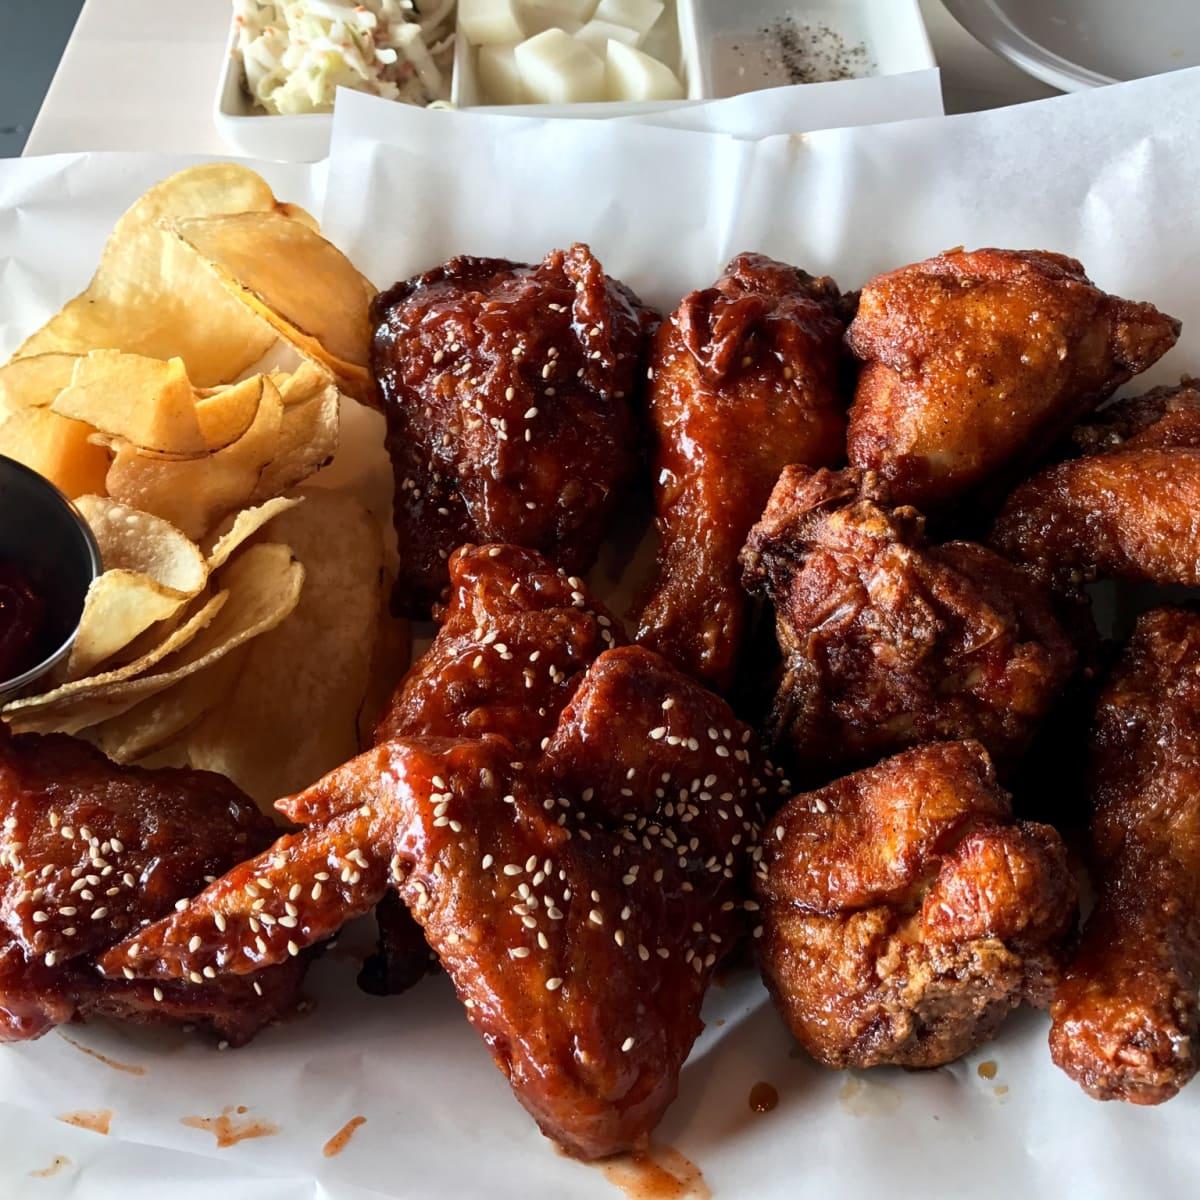 Lims Korean fried chicken